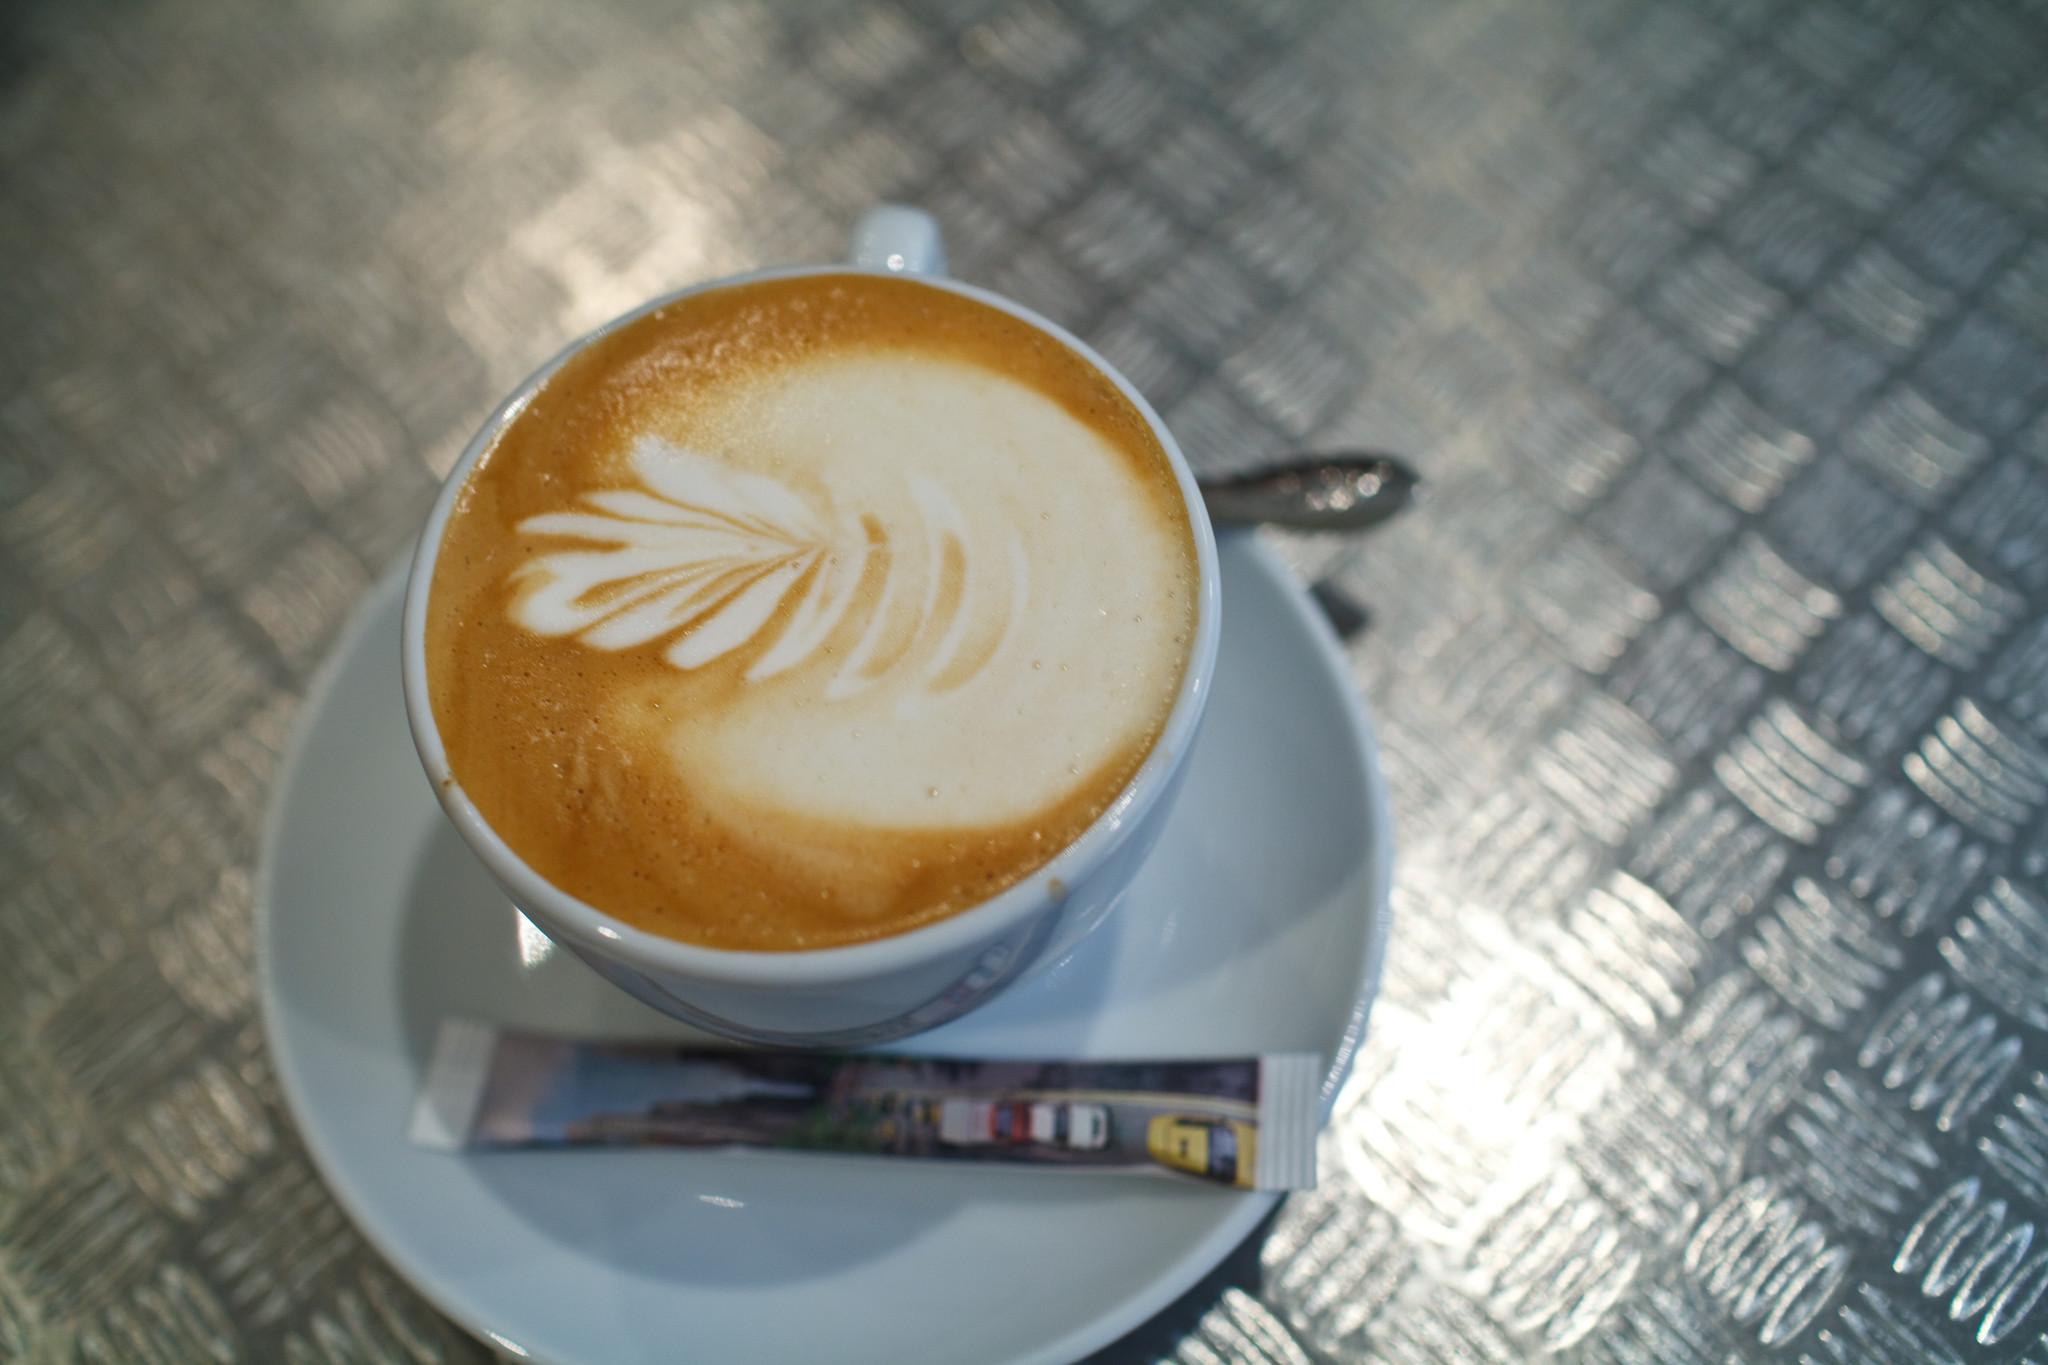 Gocce di Caffè - Cappuccino with No Cocoa Powder